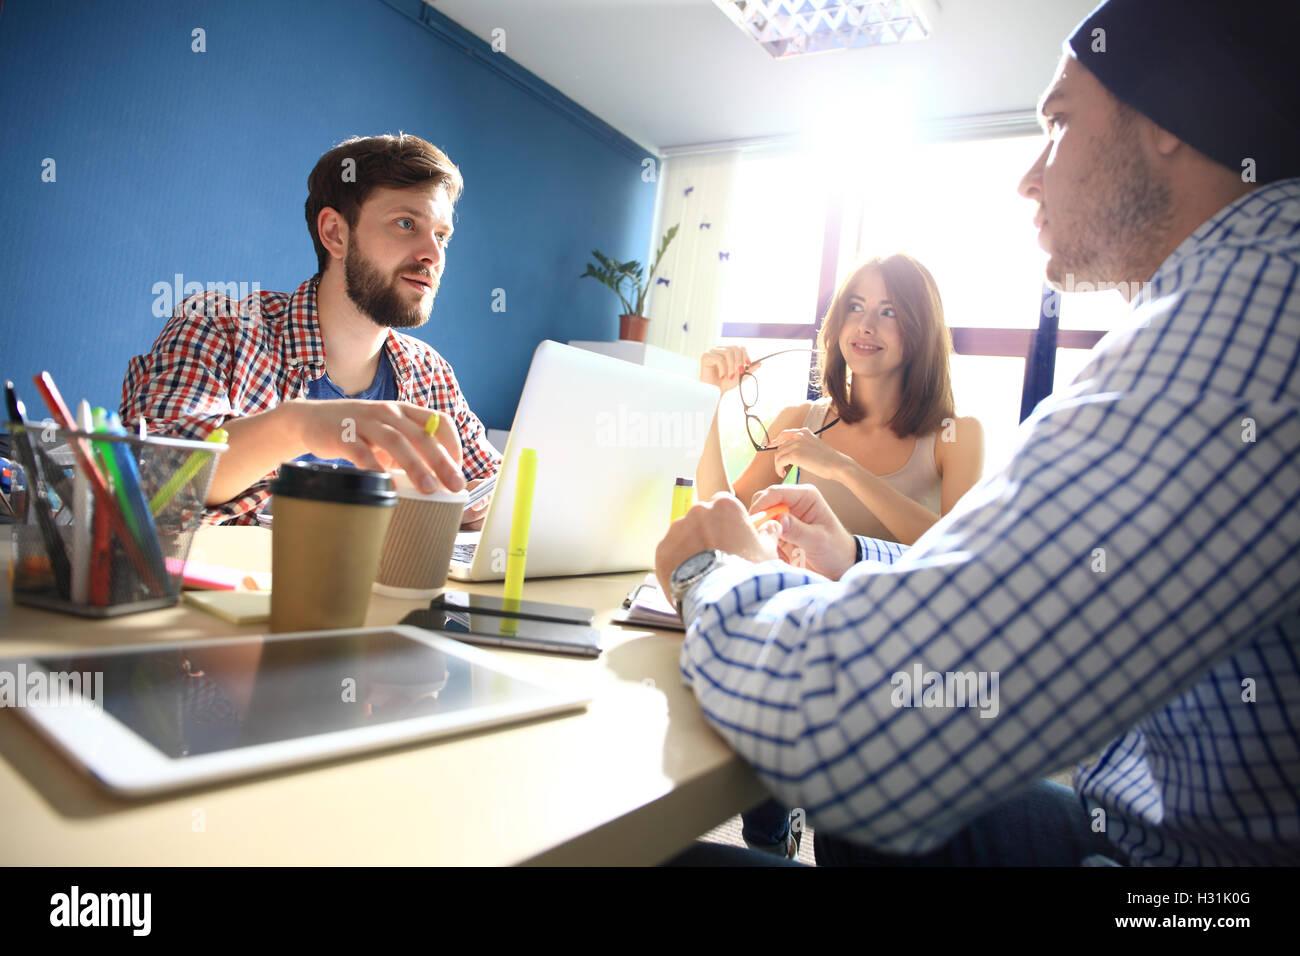 Happy web designer il brainstorming sulle nuove sartup Immagini Stock